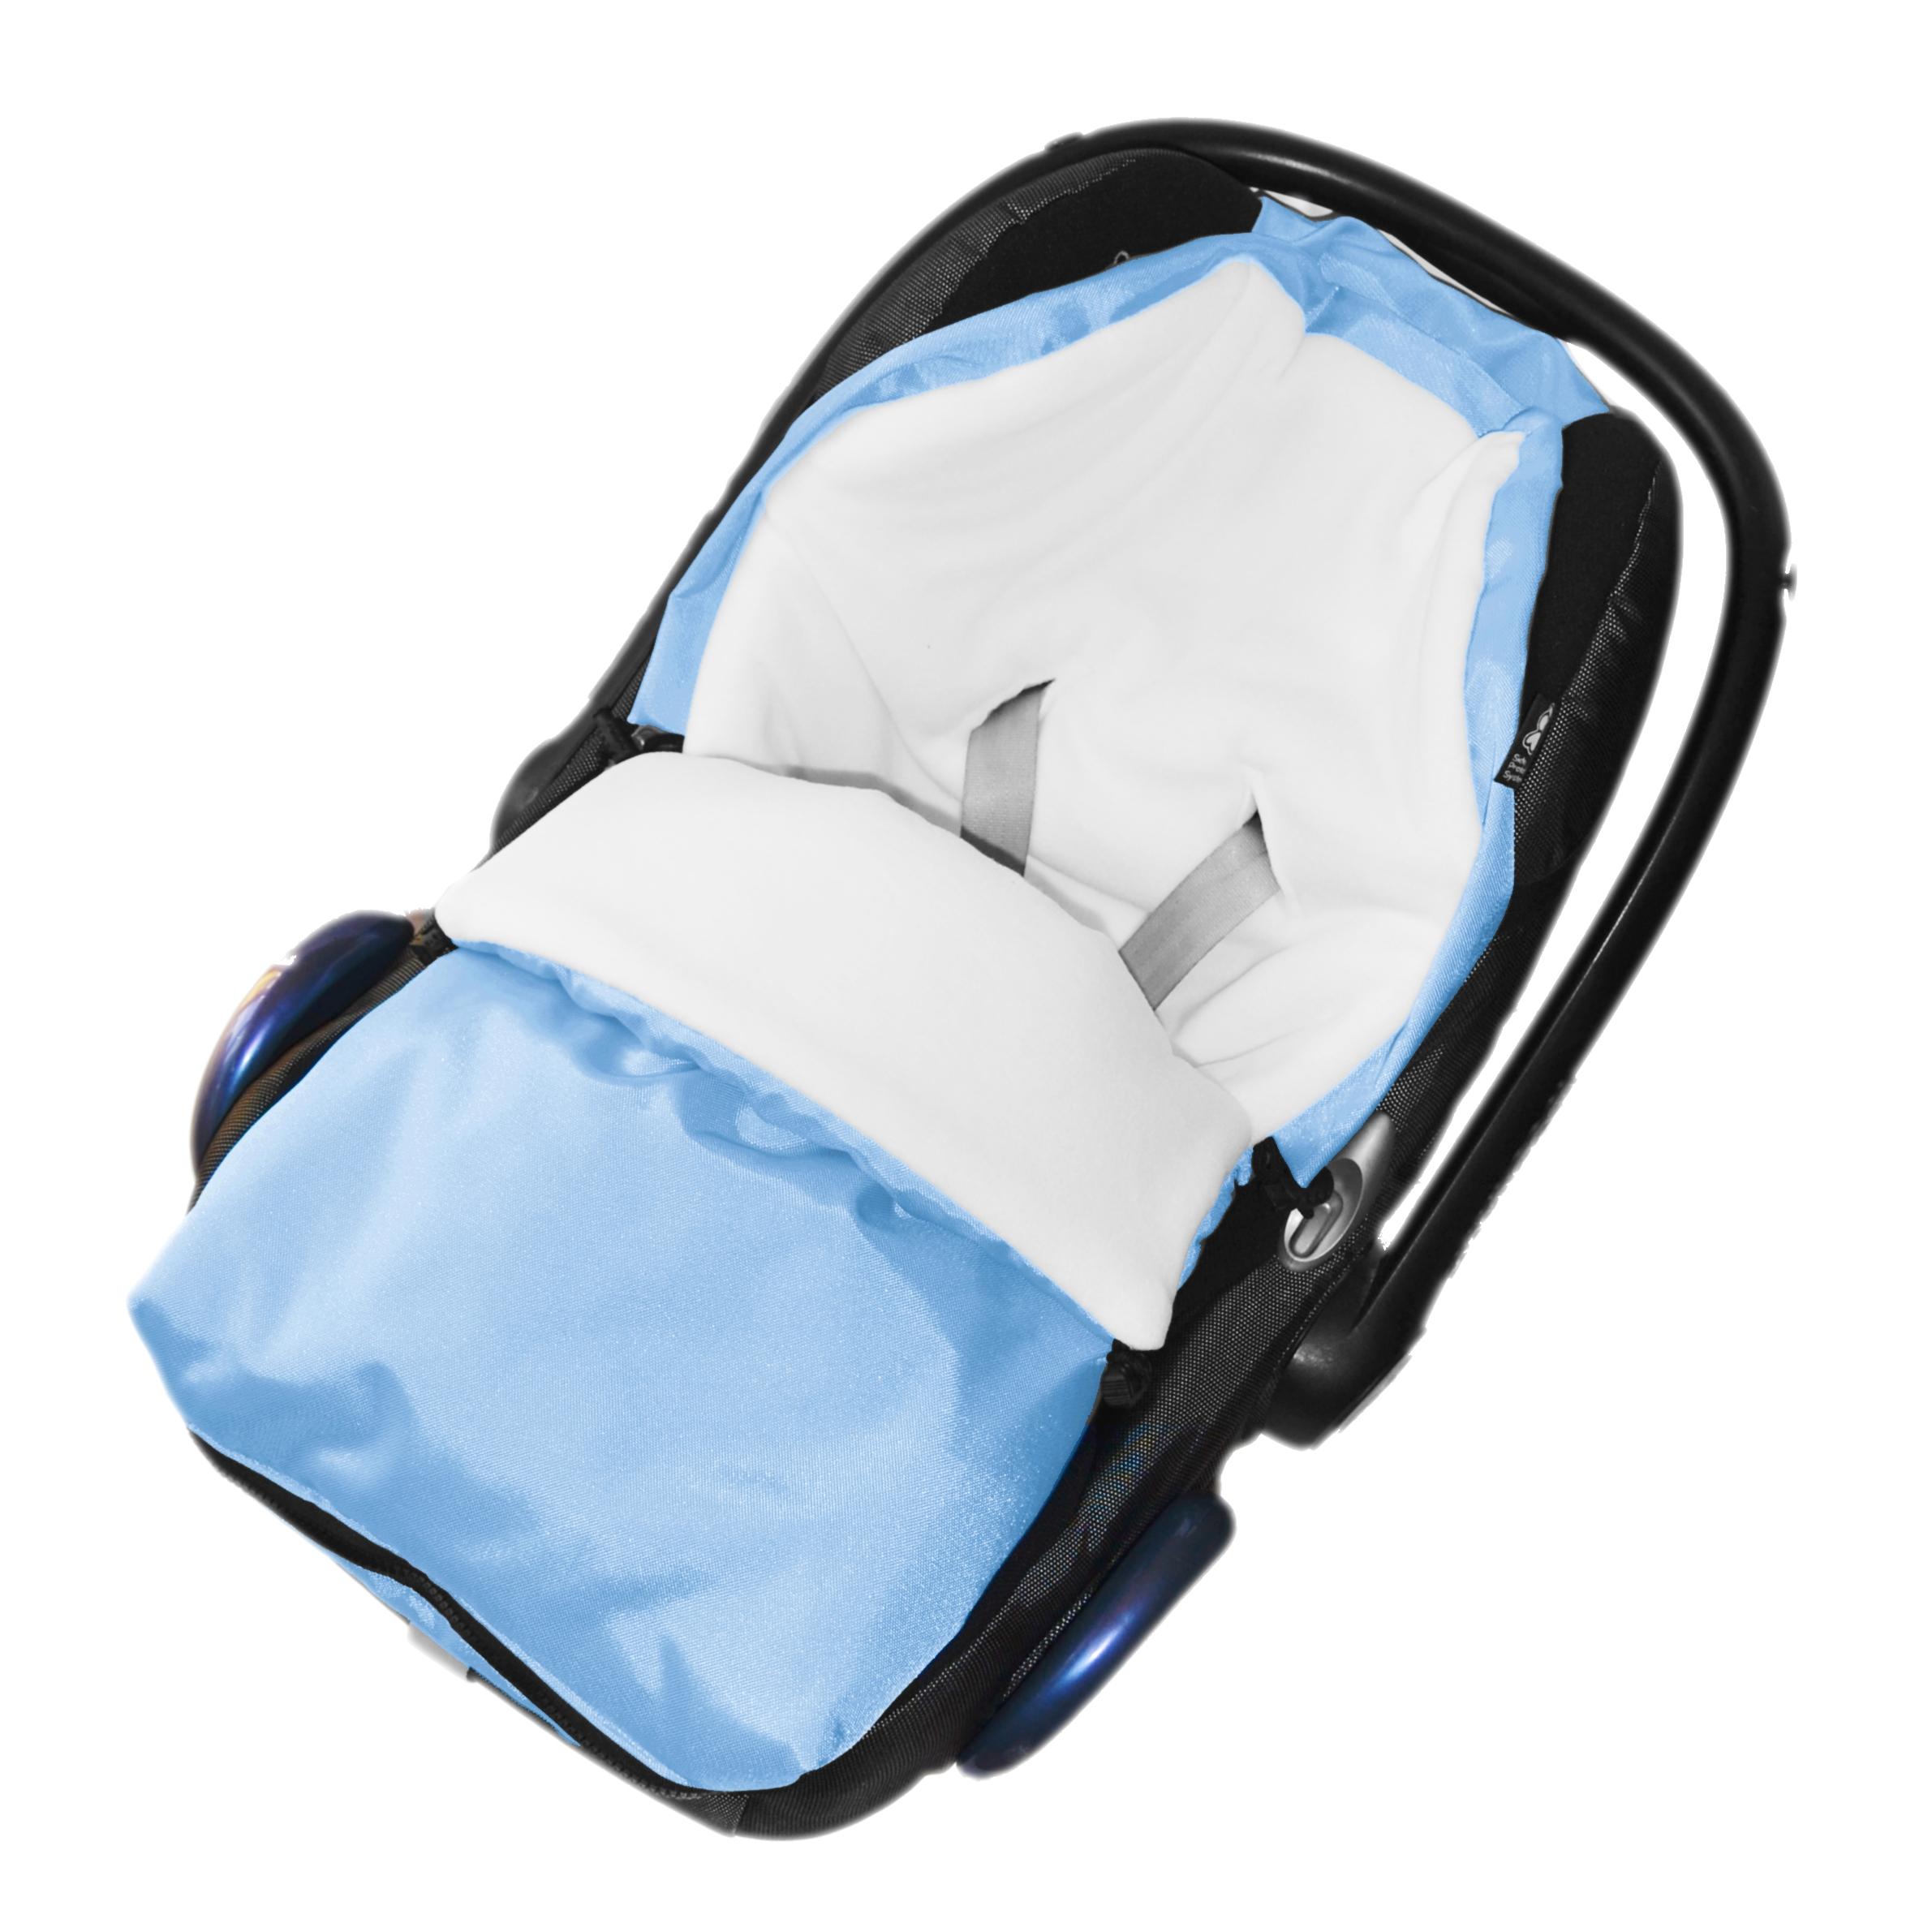 Fusak do autosedačky nebo korbičky - bílý fleece/světle modrý